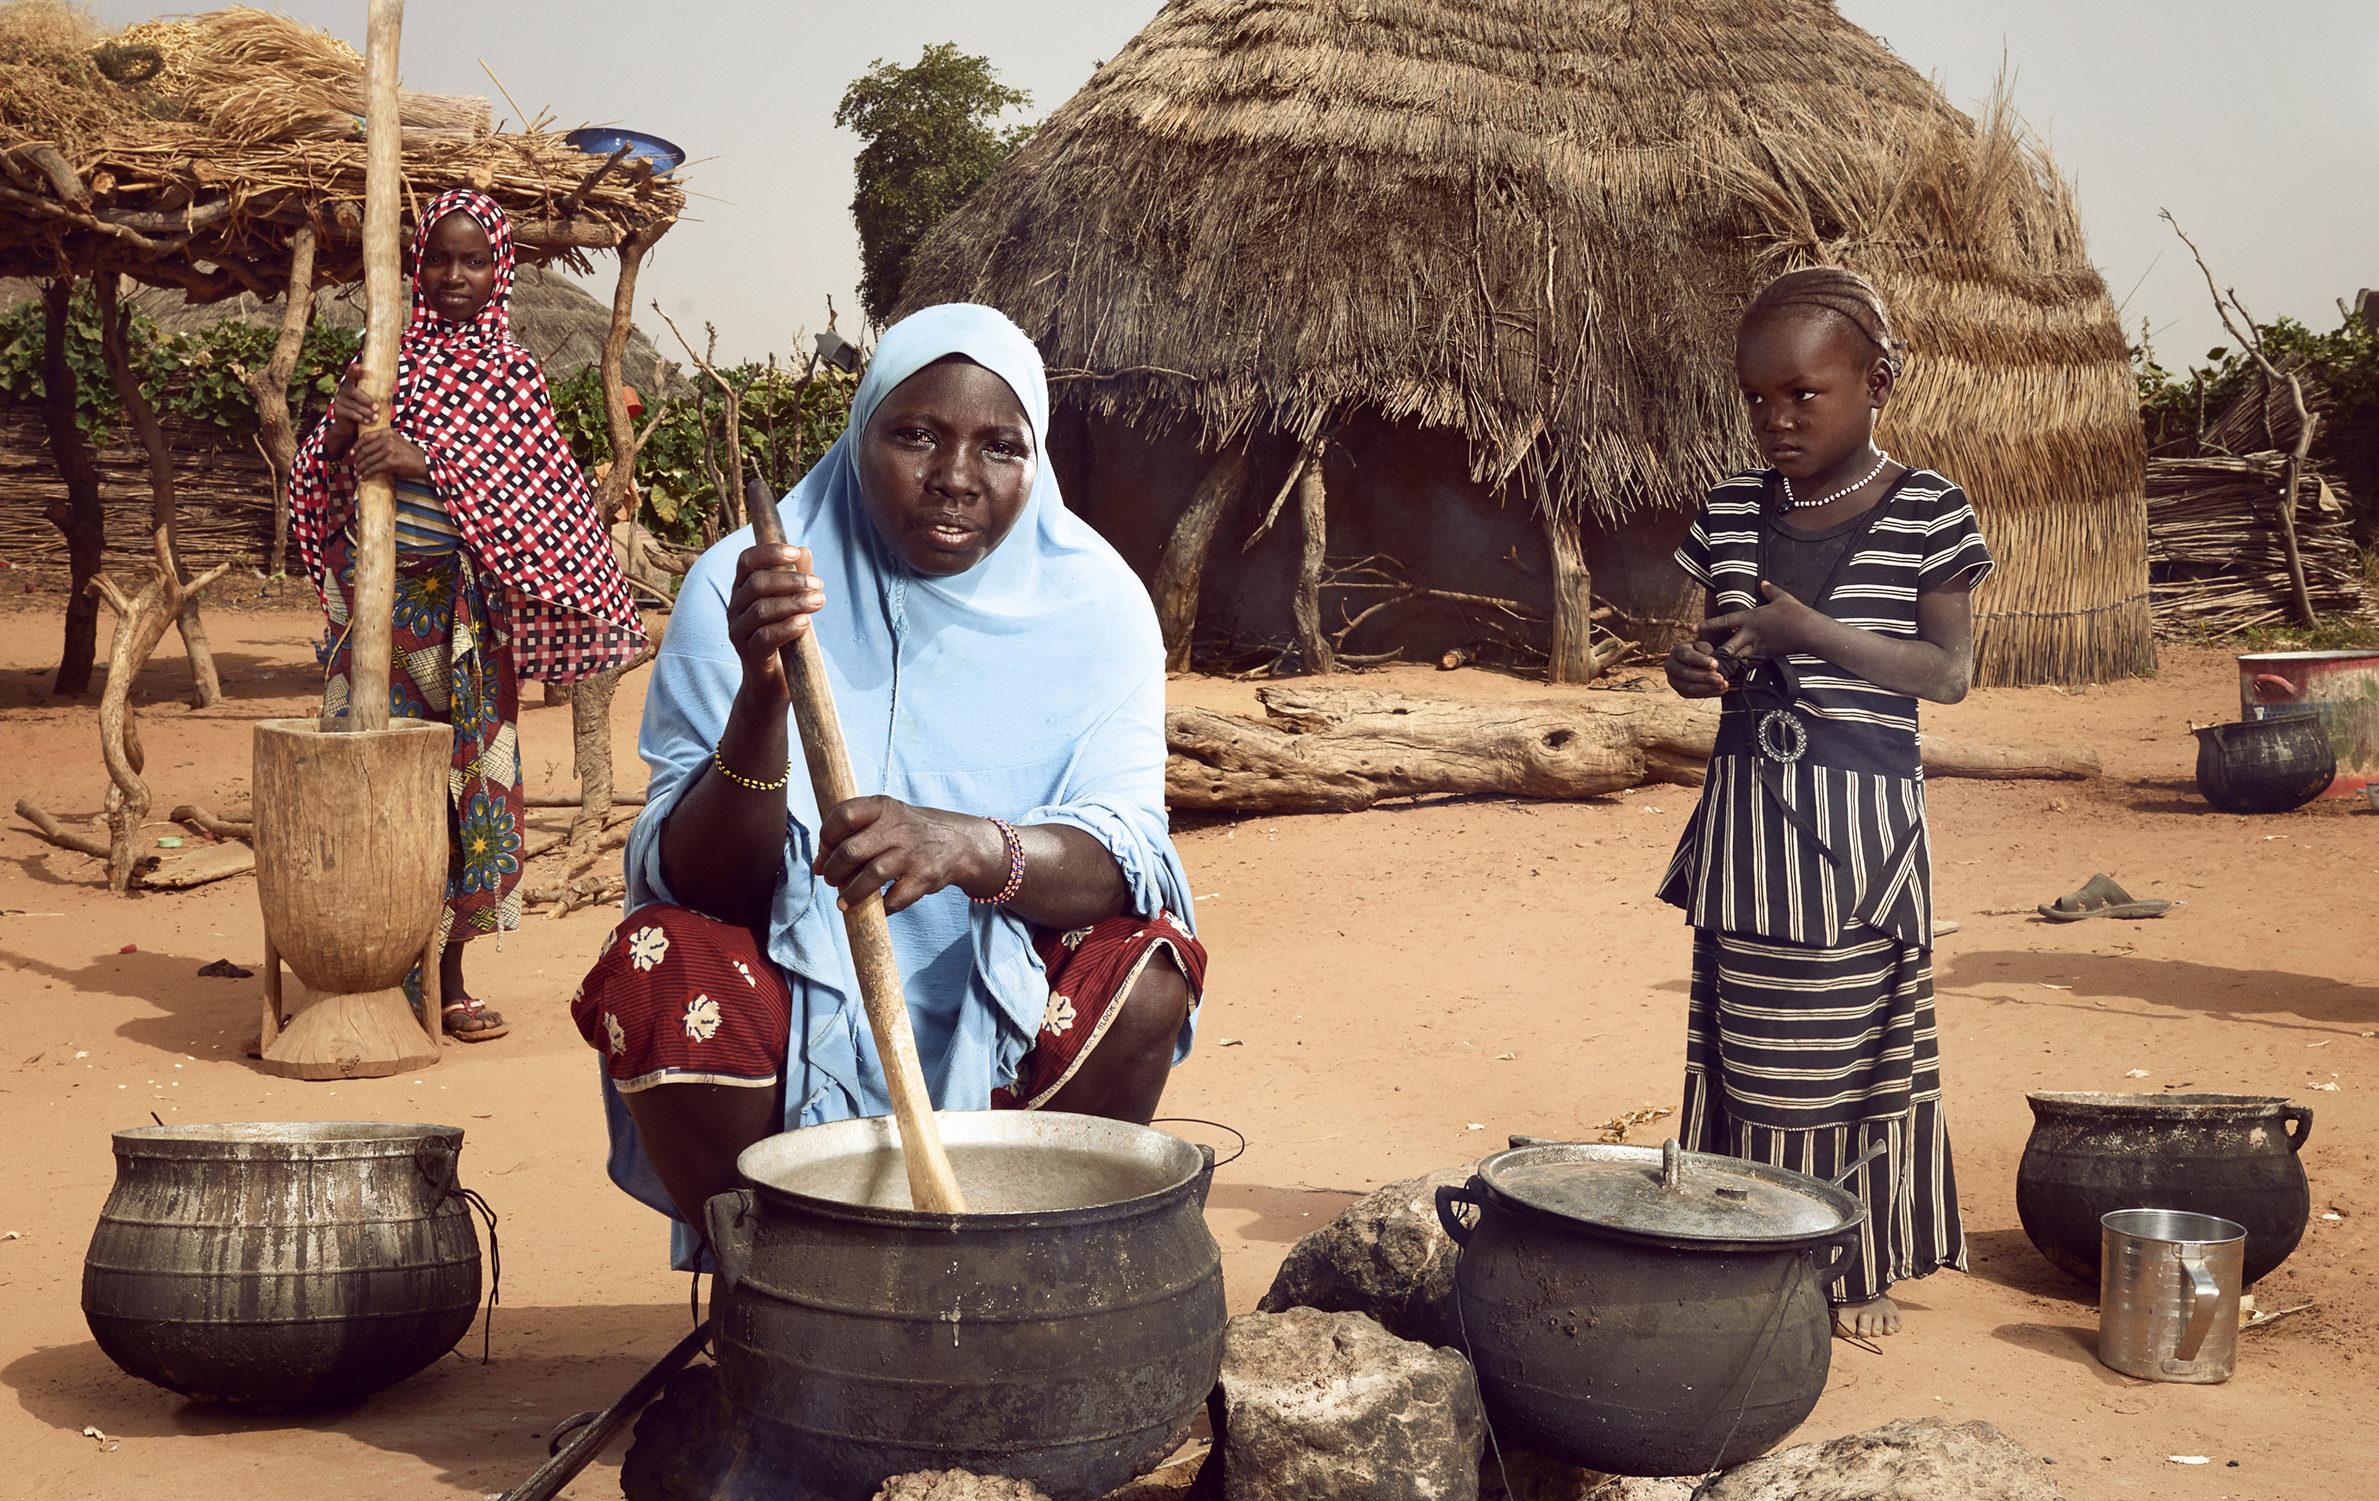 Hadiza (au centre) prépare un repas familial, aidée par ses filles Nadia, 4 ans, et Layhanatou, 10 ans, qui pilent le millet dans un mortier en bois. Photo : © Stephan Gladieu/Banque mondiale